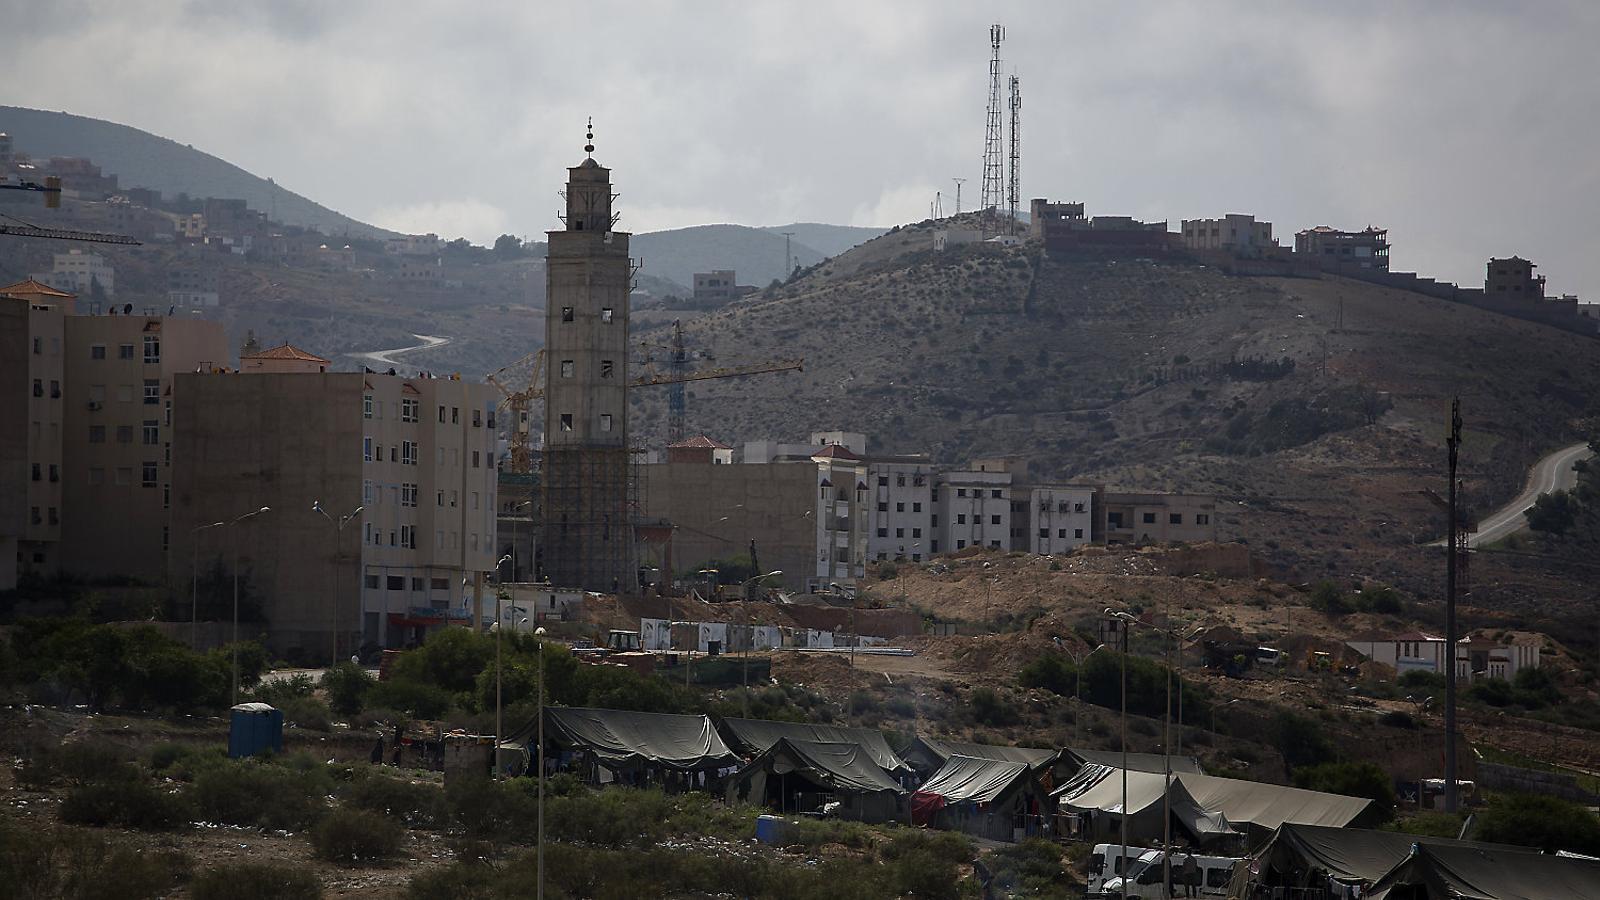 Un campament de l'exèrcit marroquí en un barri d'Al-Hoceima, la capital del Rif, que continua en estat de setge.